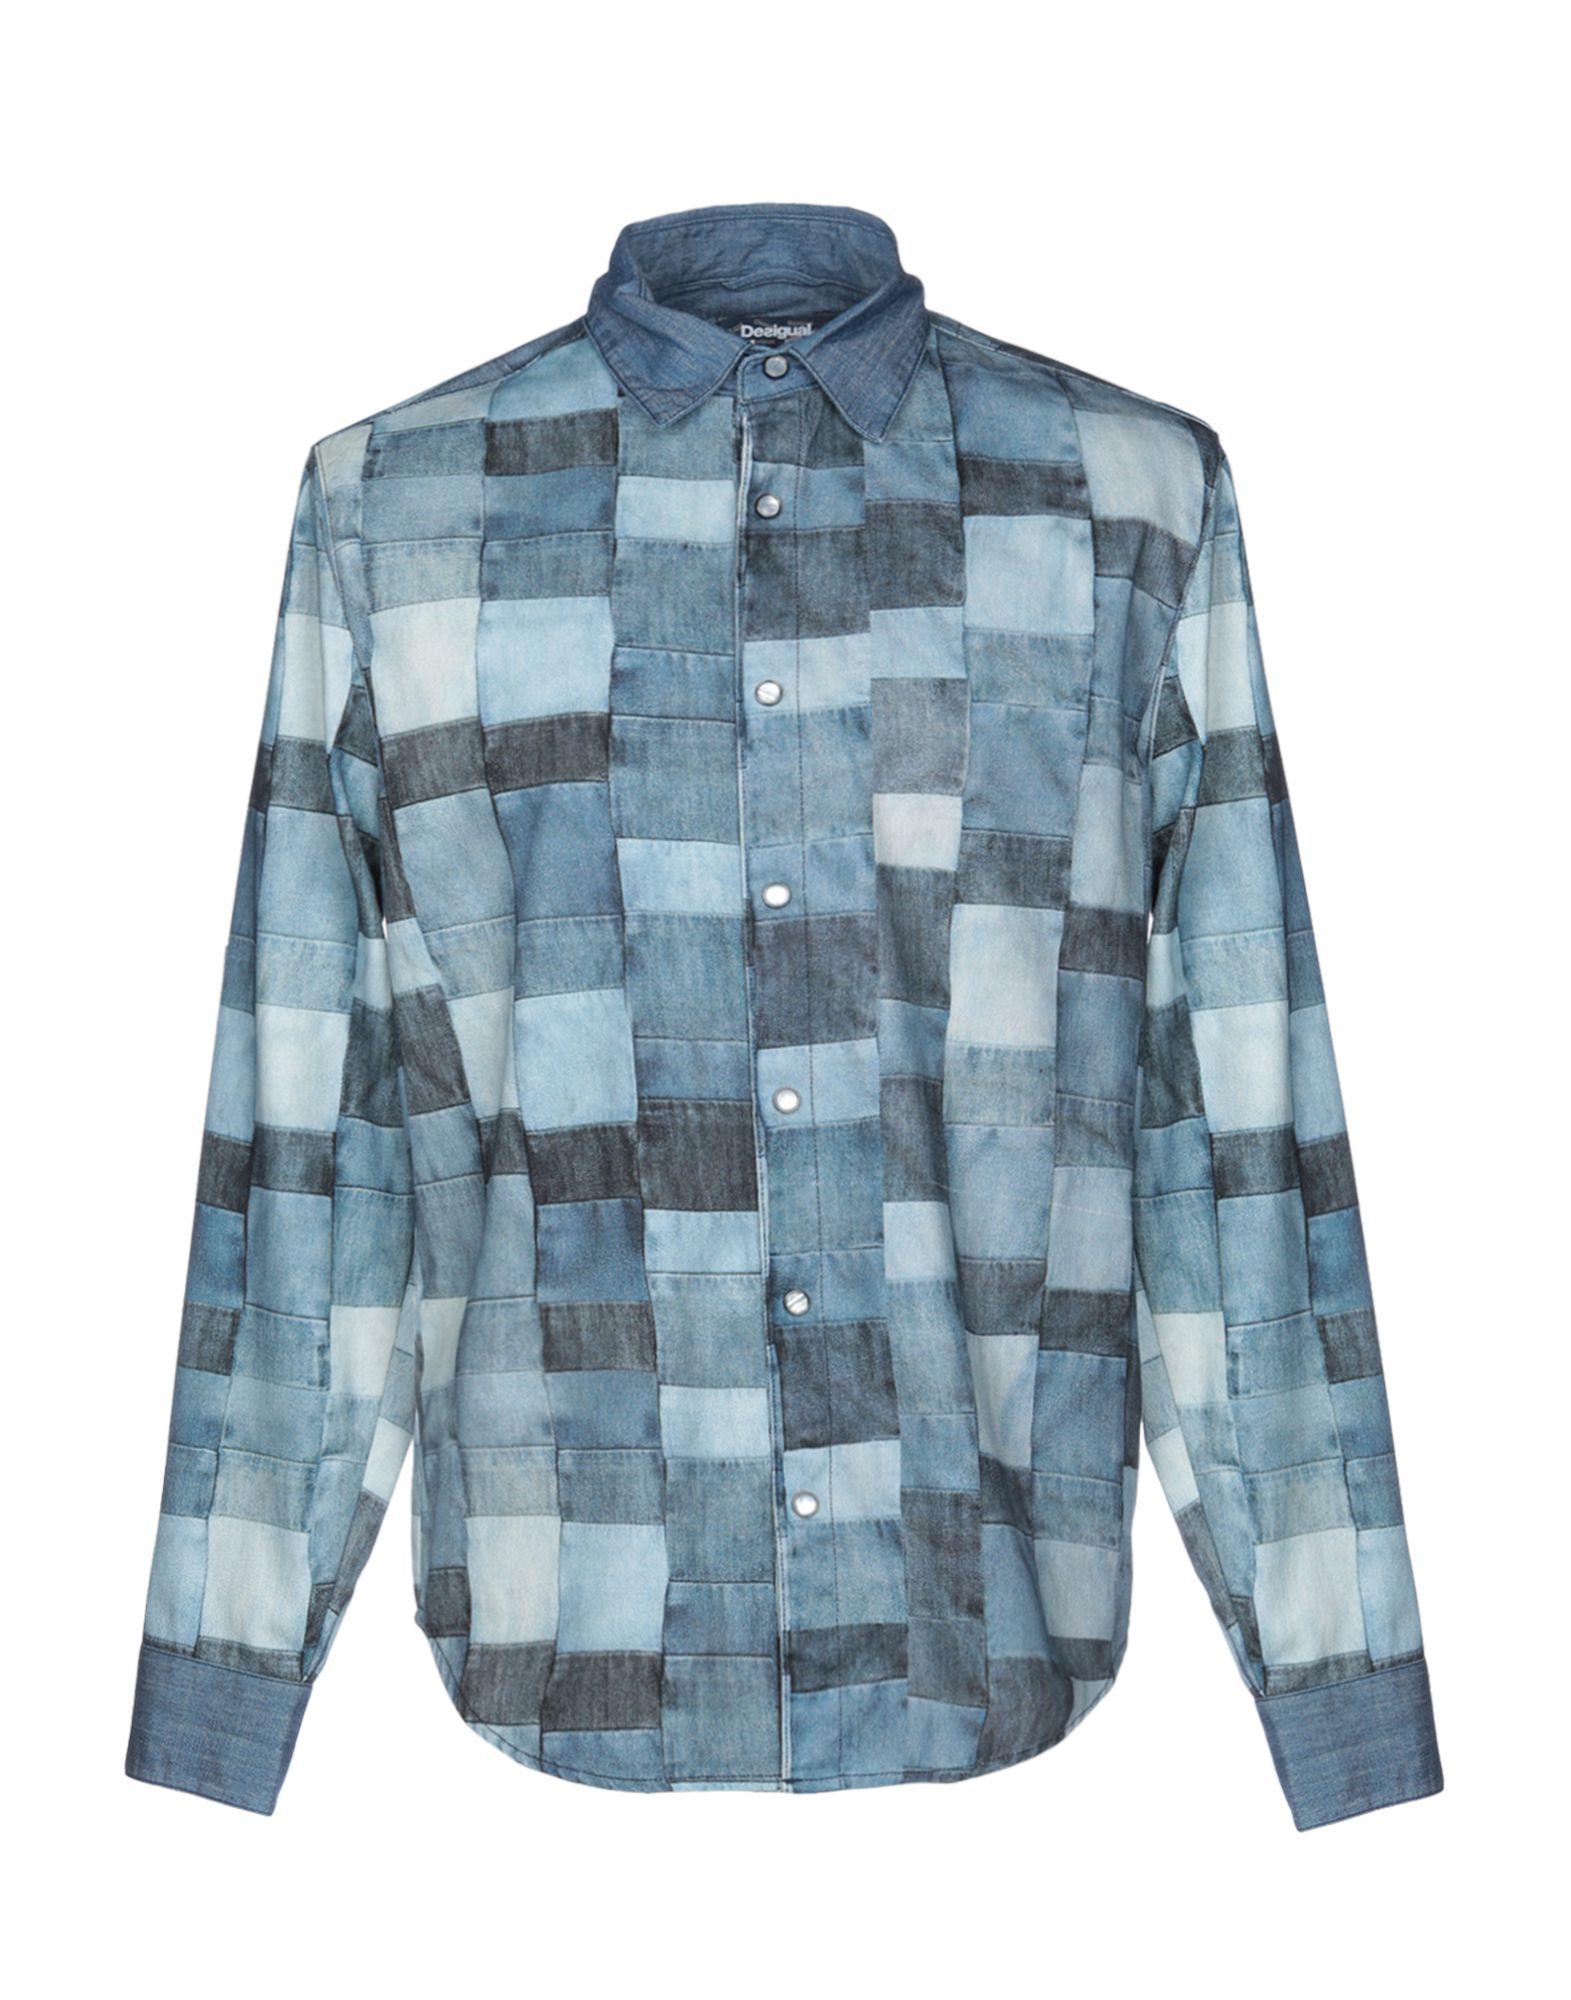 цена на DESIGUAL Джинсовая рубашка